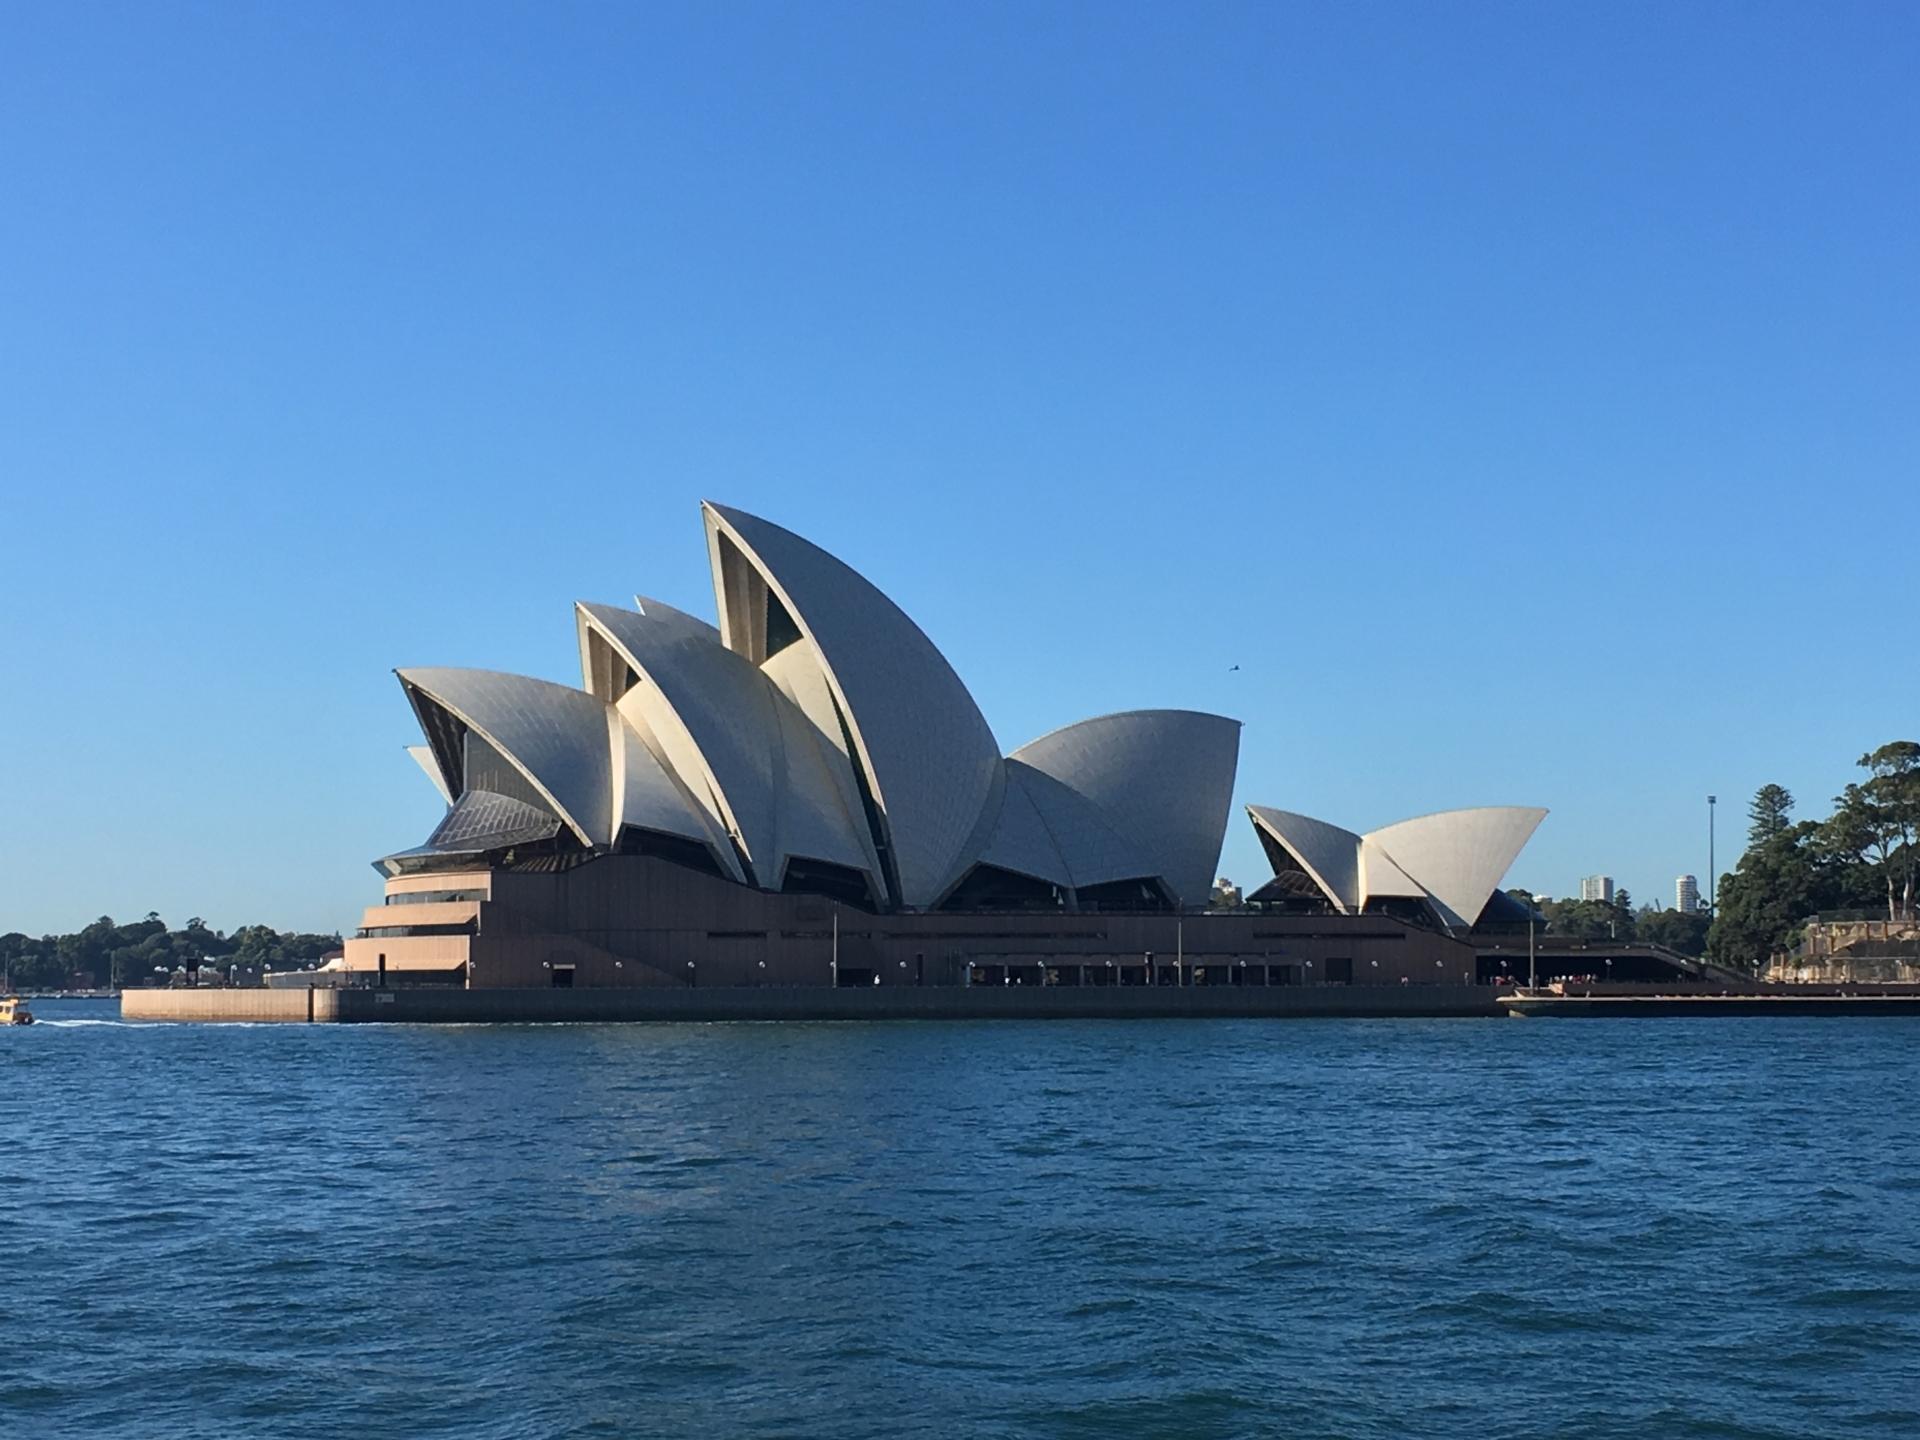 オーストラリア旅行の費用はいくらかかる?予算の相場や安い時期をチェック!